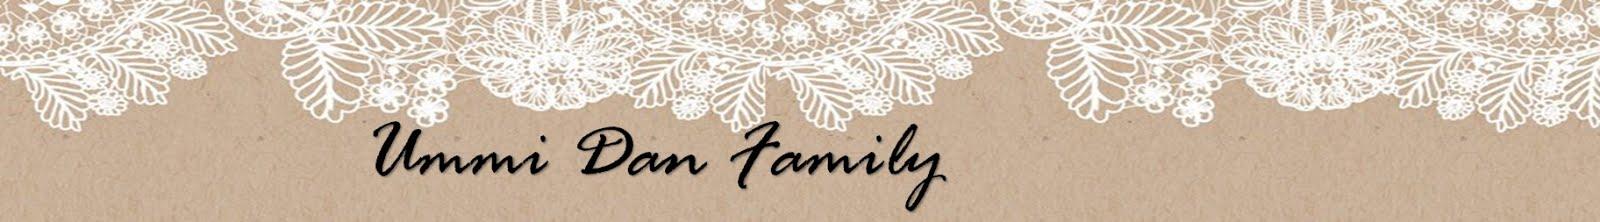 Ummi Dan Family